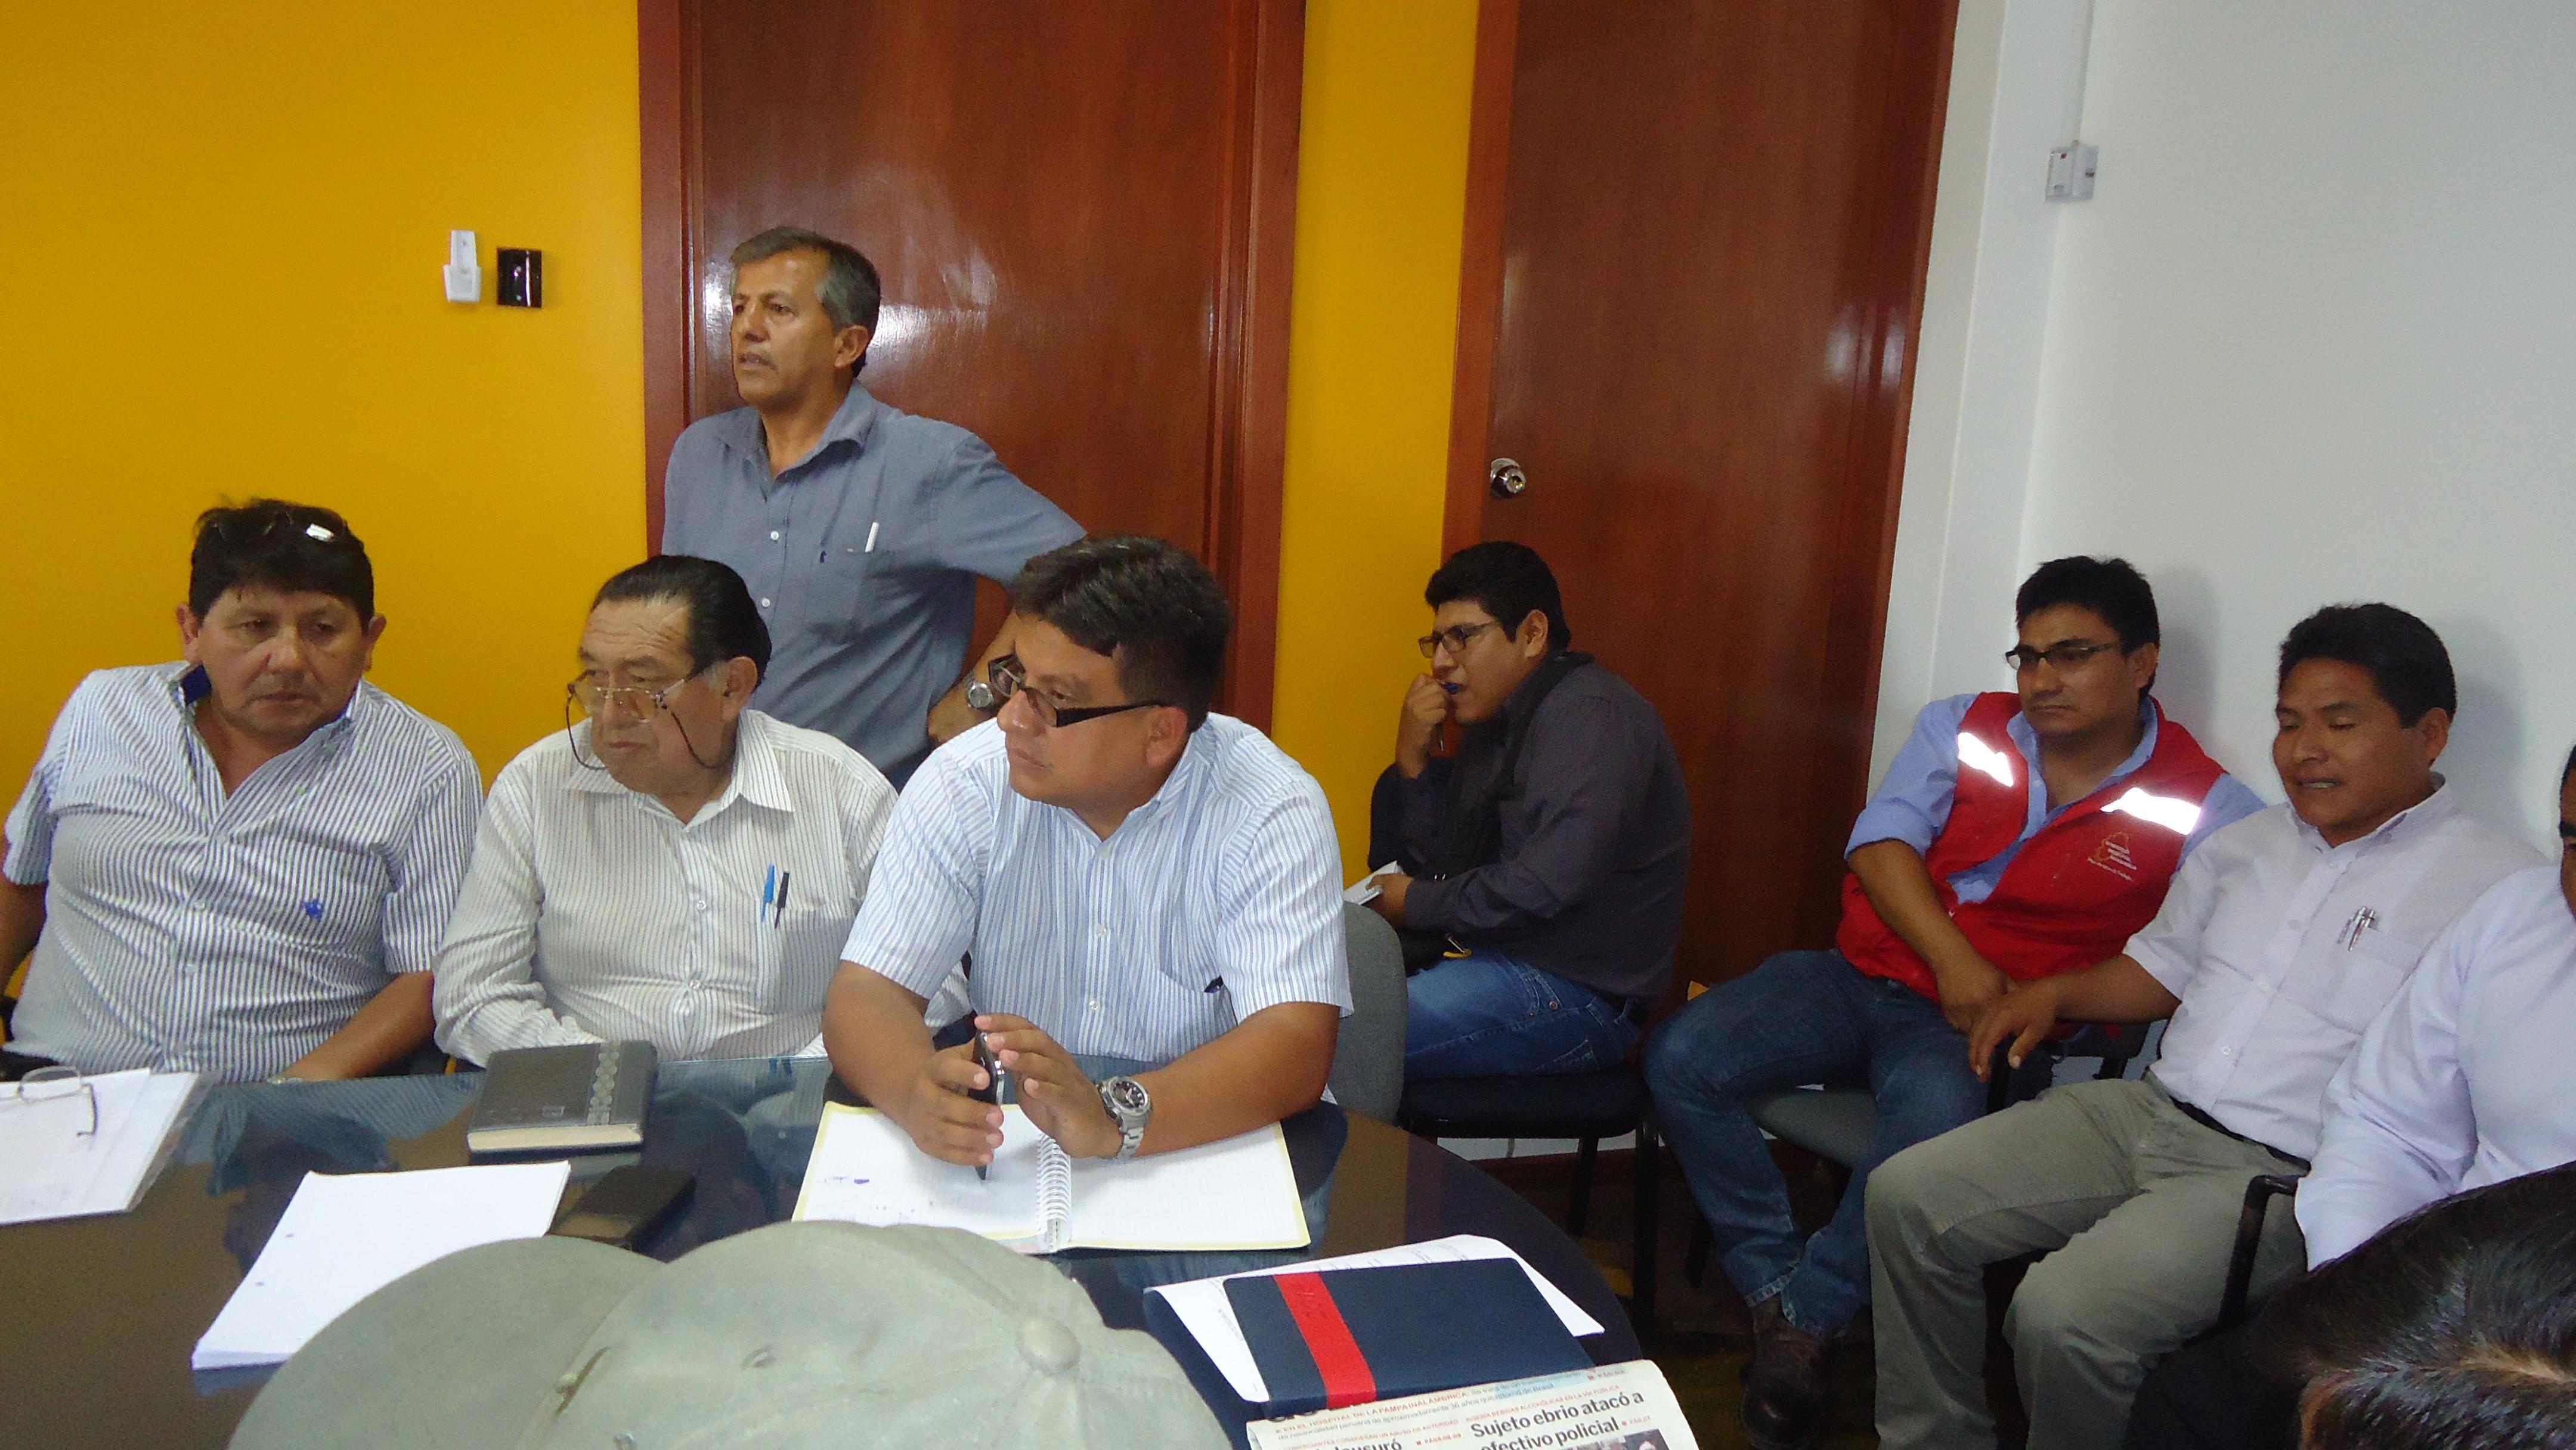 Autoridades regionales y de provincia Sánchez Cerro se reúnen para salvar carretera Moquegua-Omate-Arequipa.